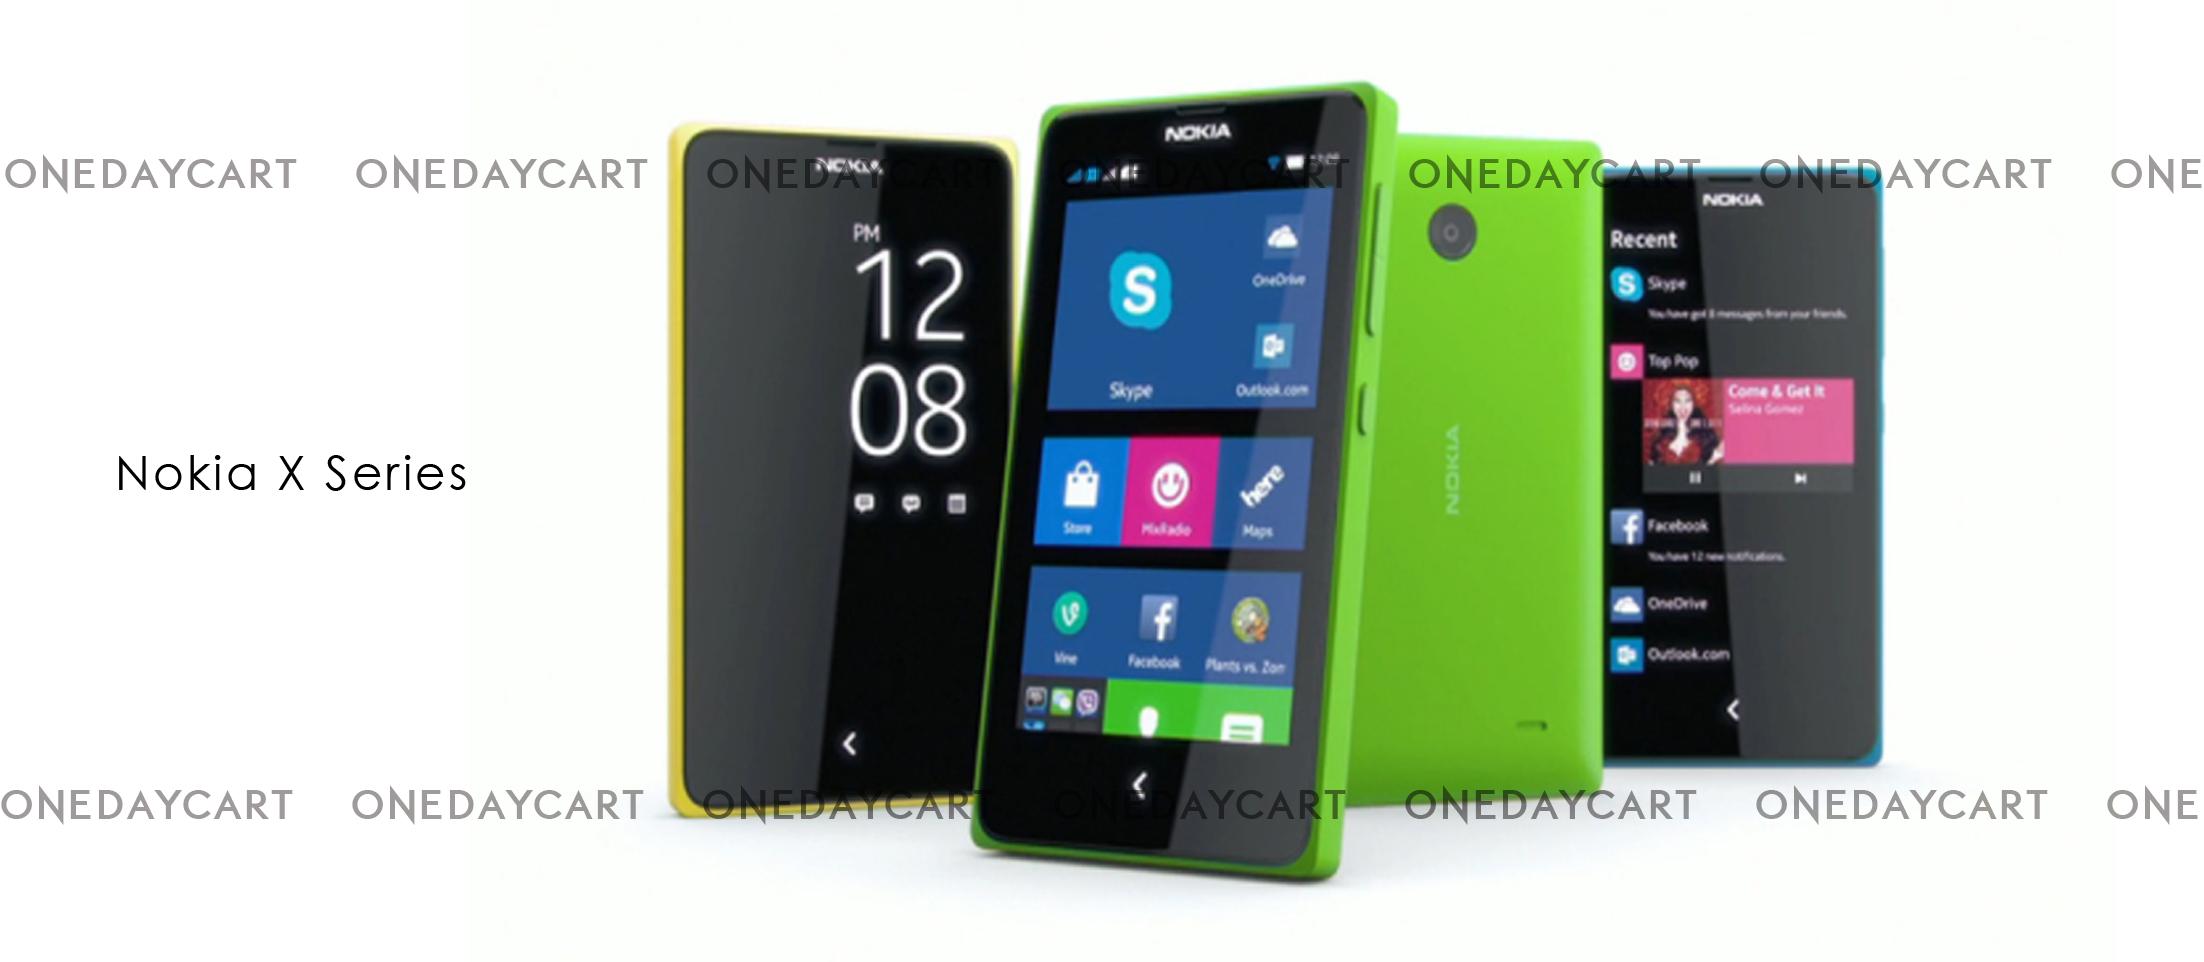 nokia x smartphones online